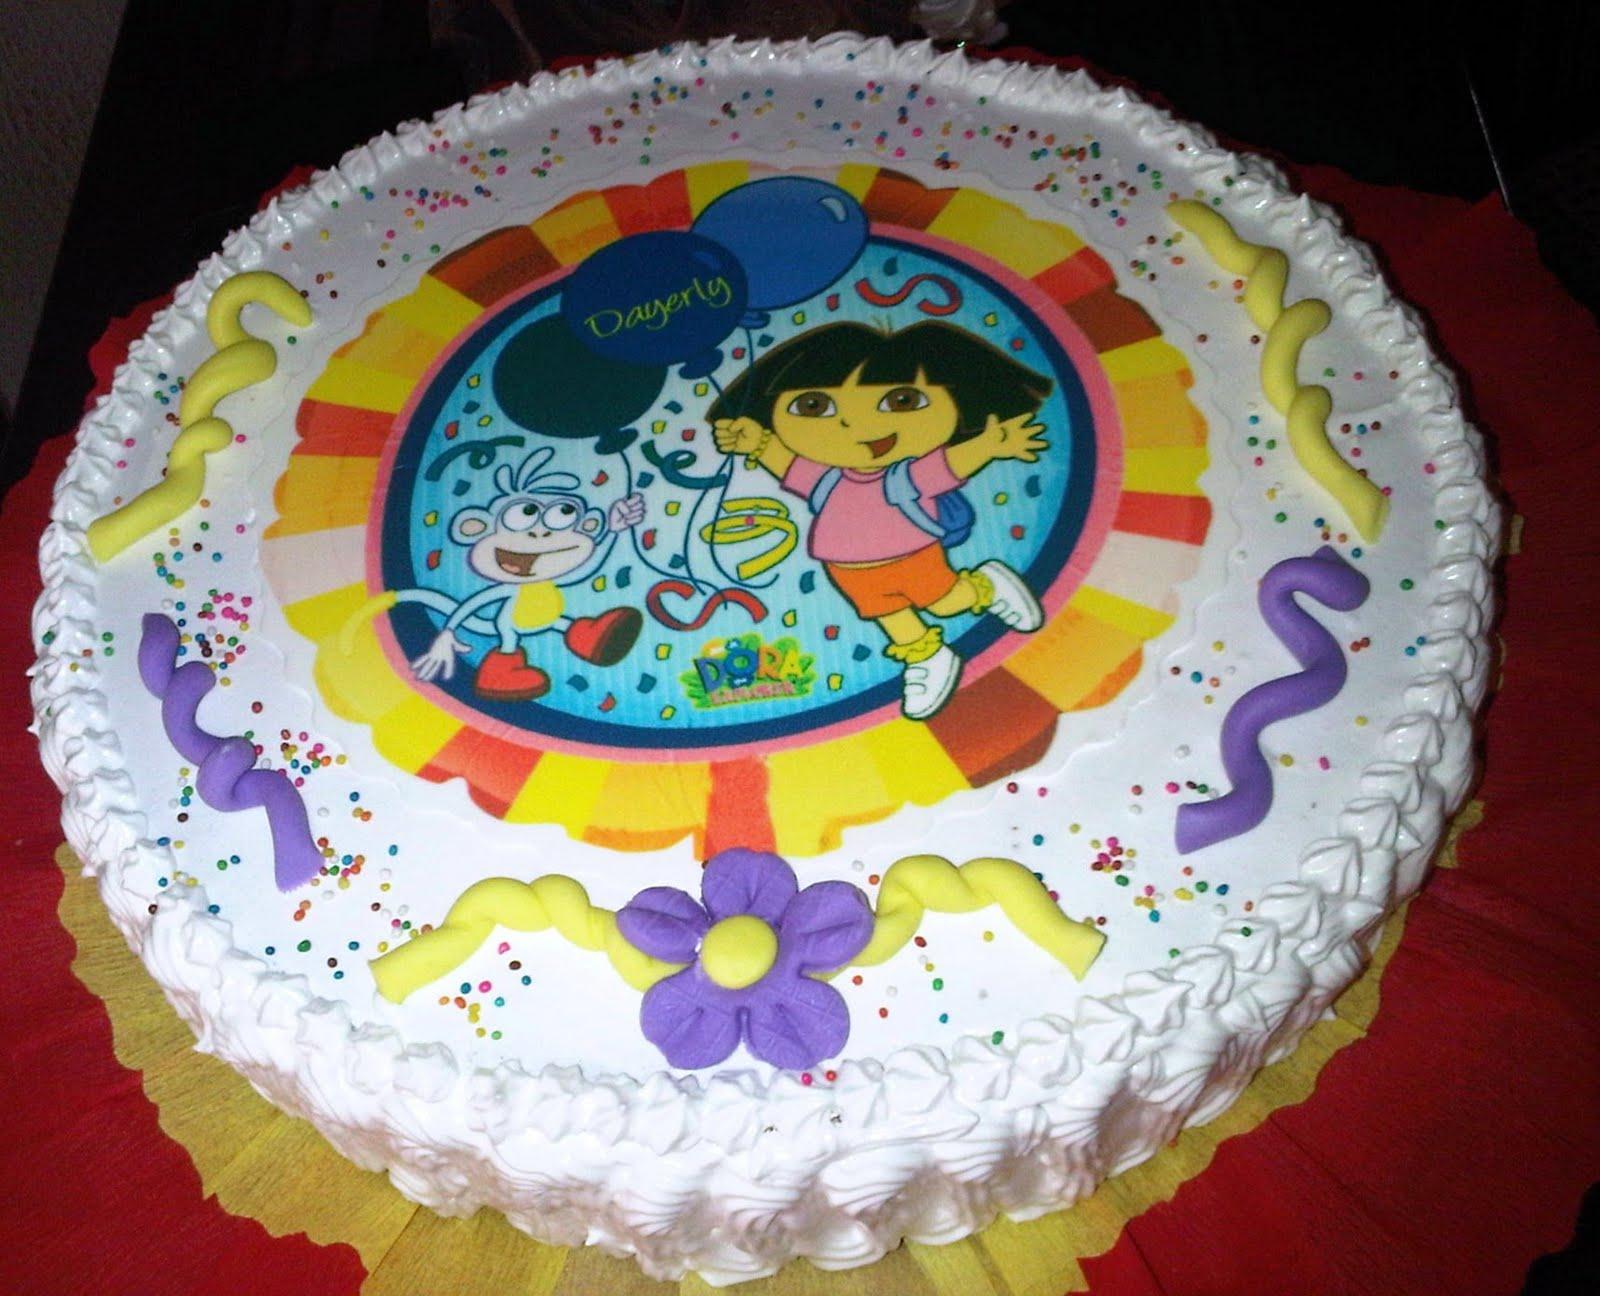 ... Torta Marmoleada decorada con Merengue Italiano, foto torta de azúcar